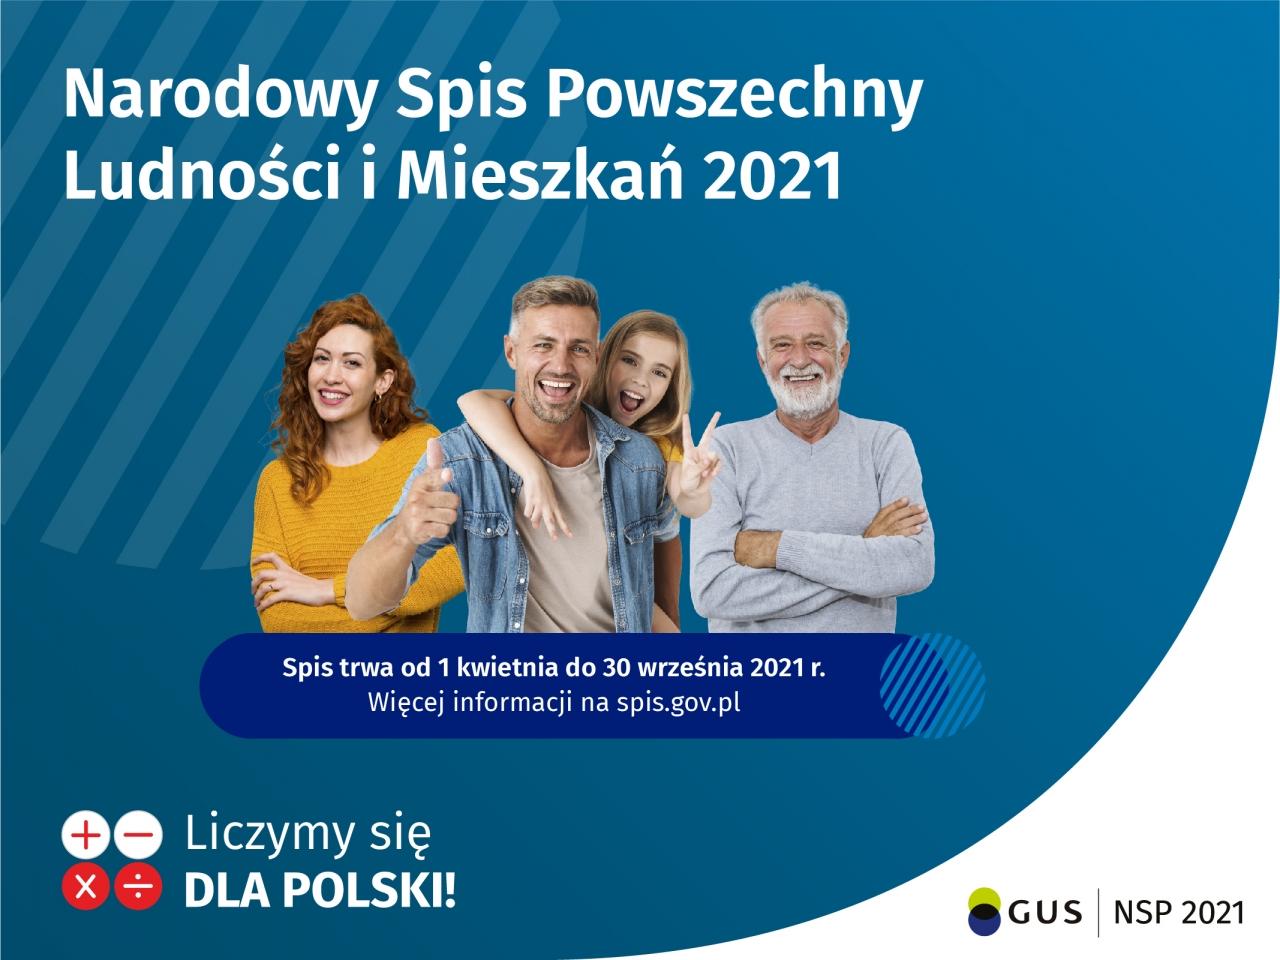 Lublin: Kończy się Narodowy Spis Powszechny Ludności i Mieszkań. Uruchomiono dyżury rachmistrzów - Zdjęcie główne